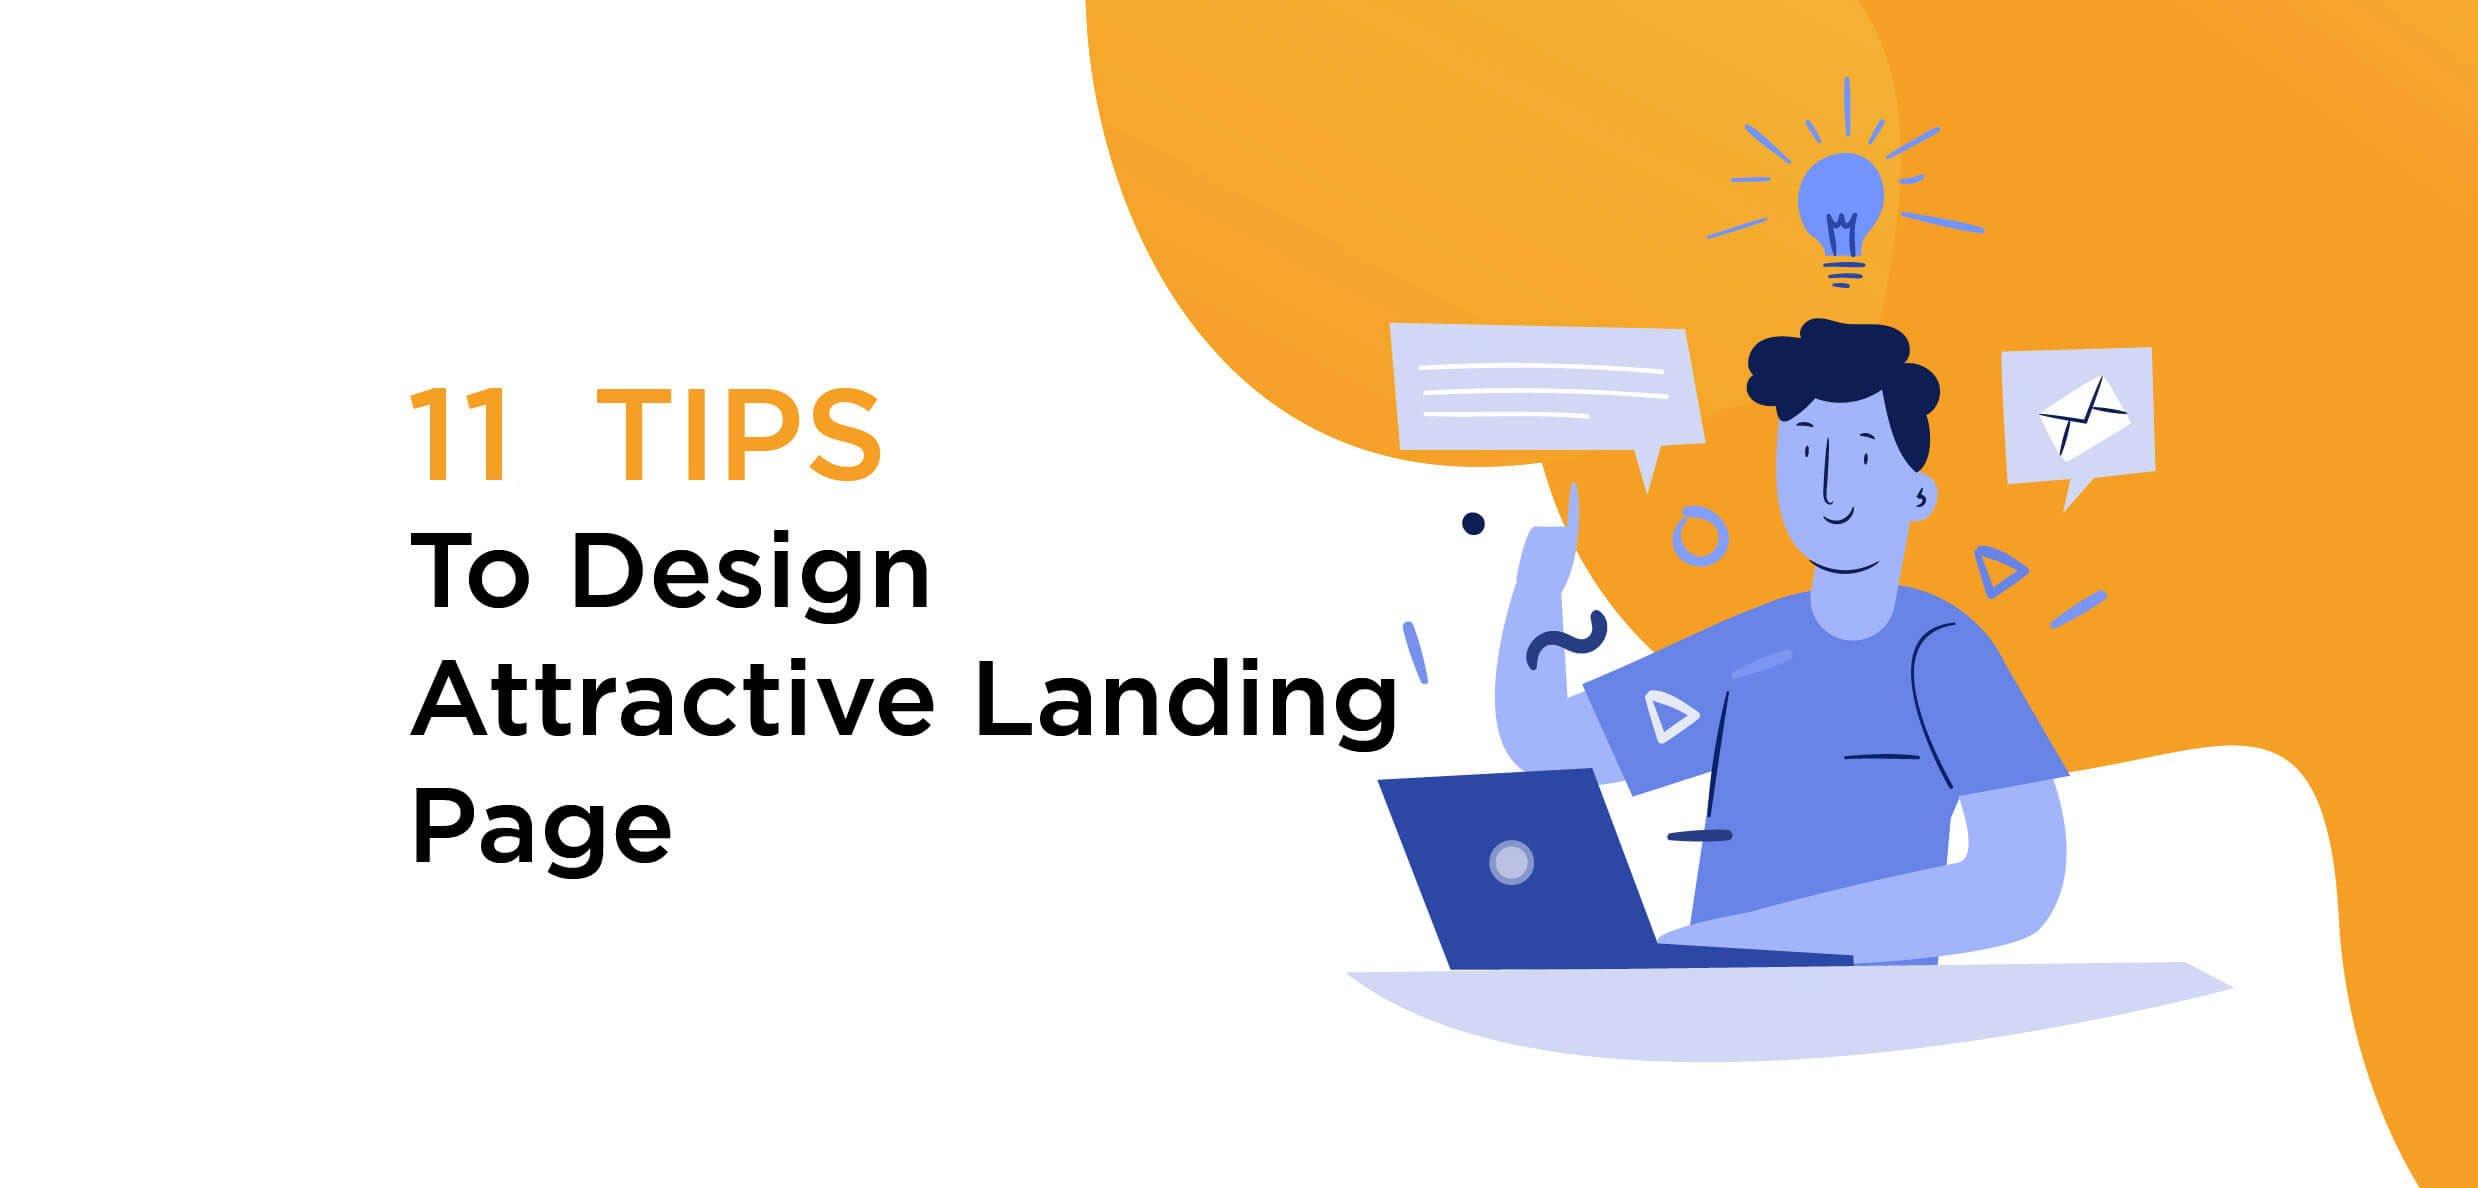 tip for desining landing page